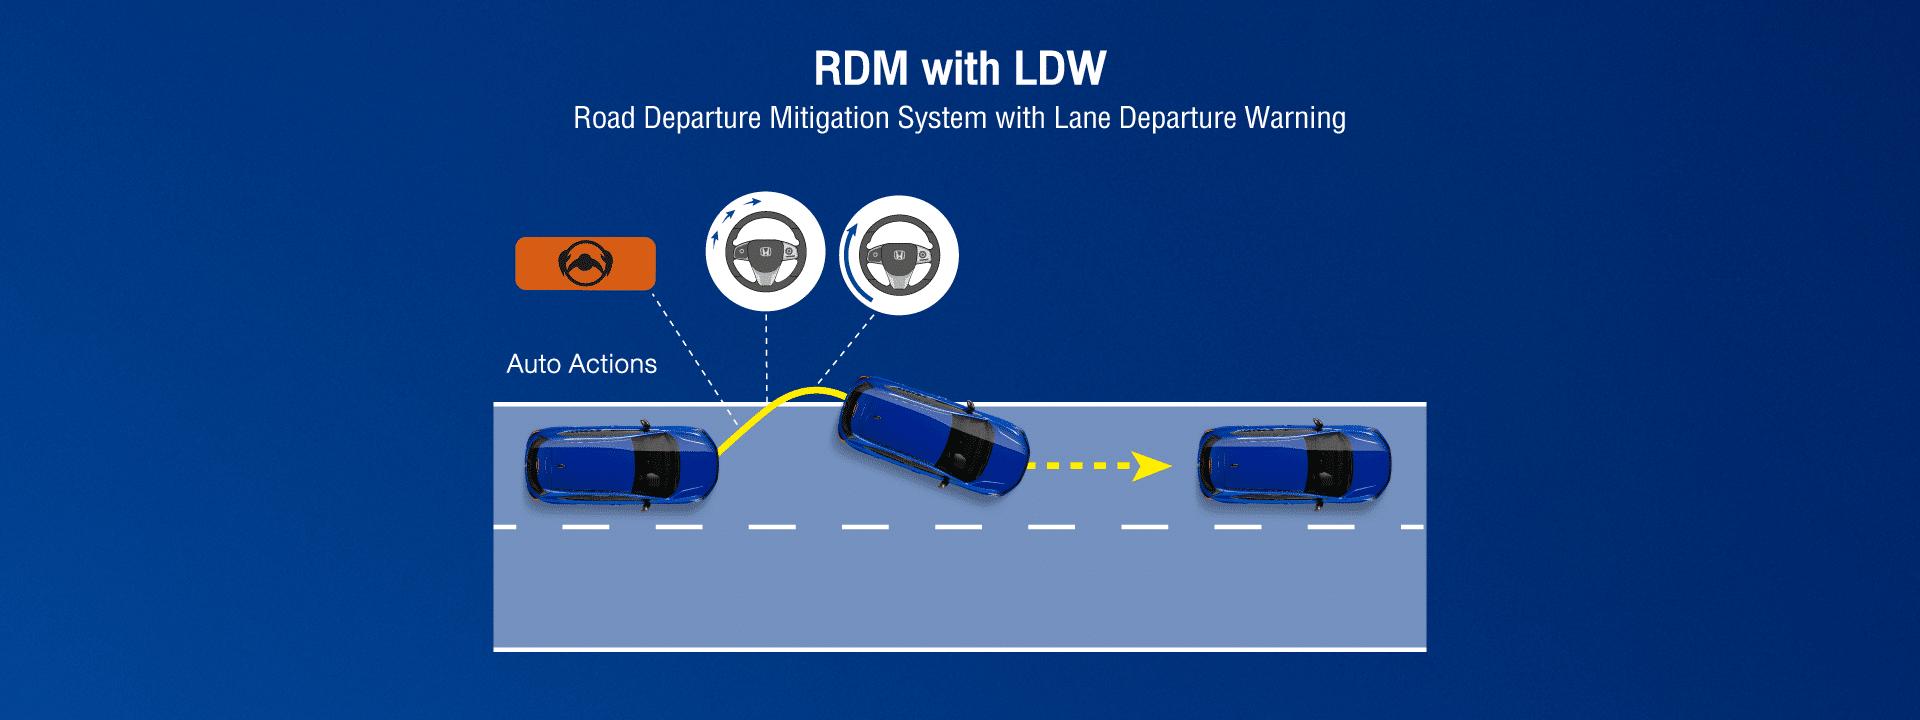 ระบบเตือนและช่วยควบคุมเมื่อรถออกนอกช่องทางเดินรถ (Road Departure Mitigation System with Lane Departure Warning: RDM with LDW)